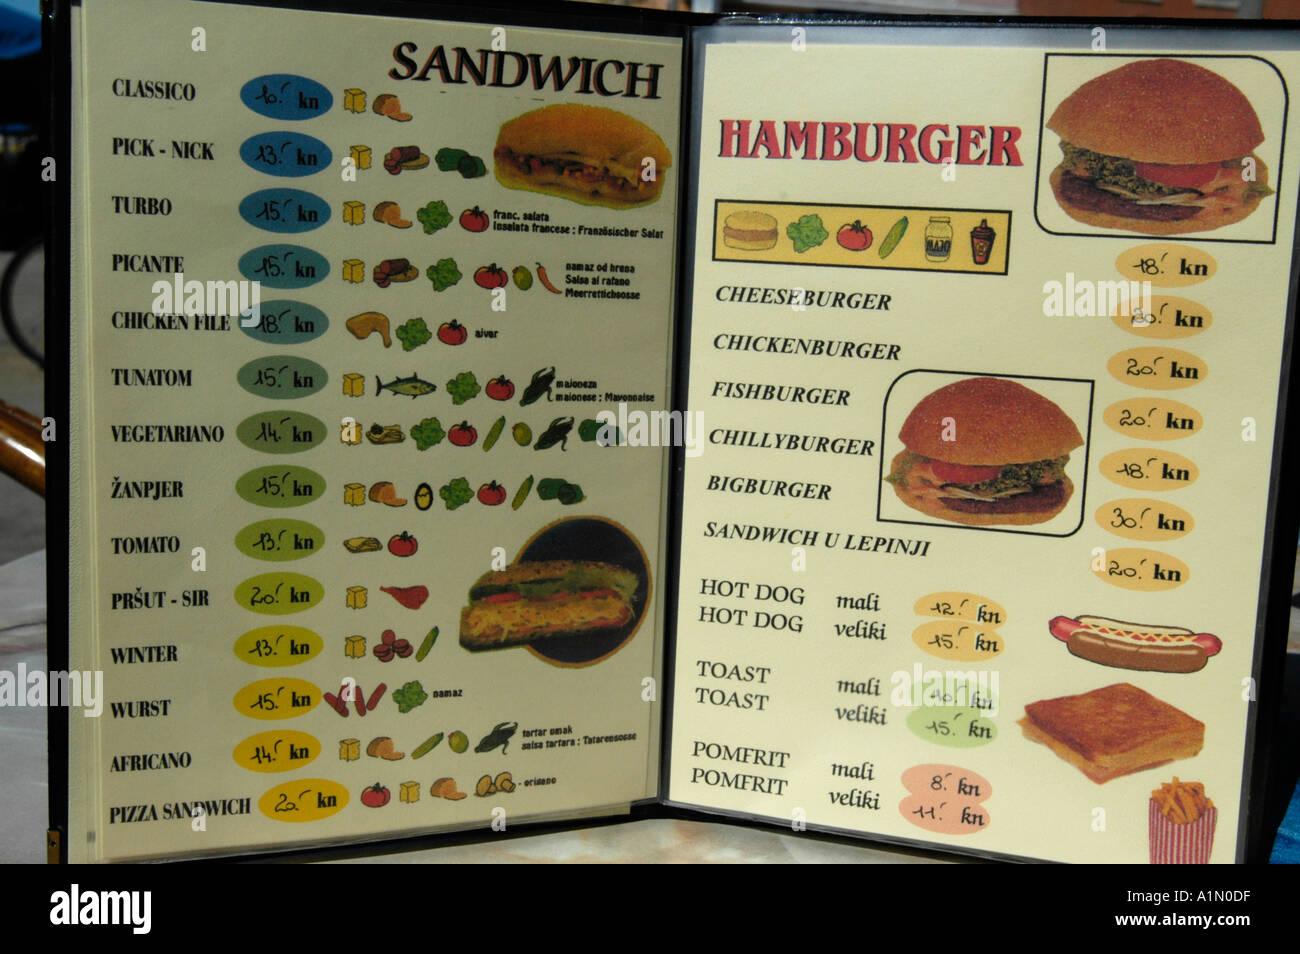 fast food menu - Stock Image